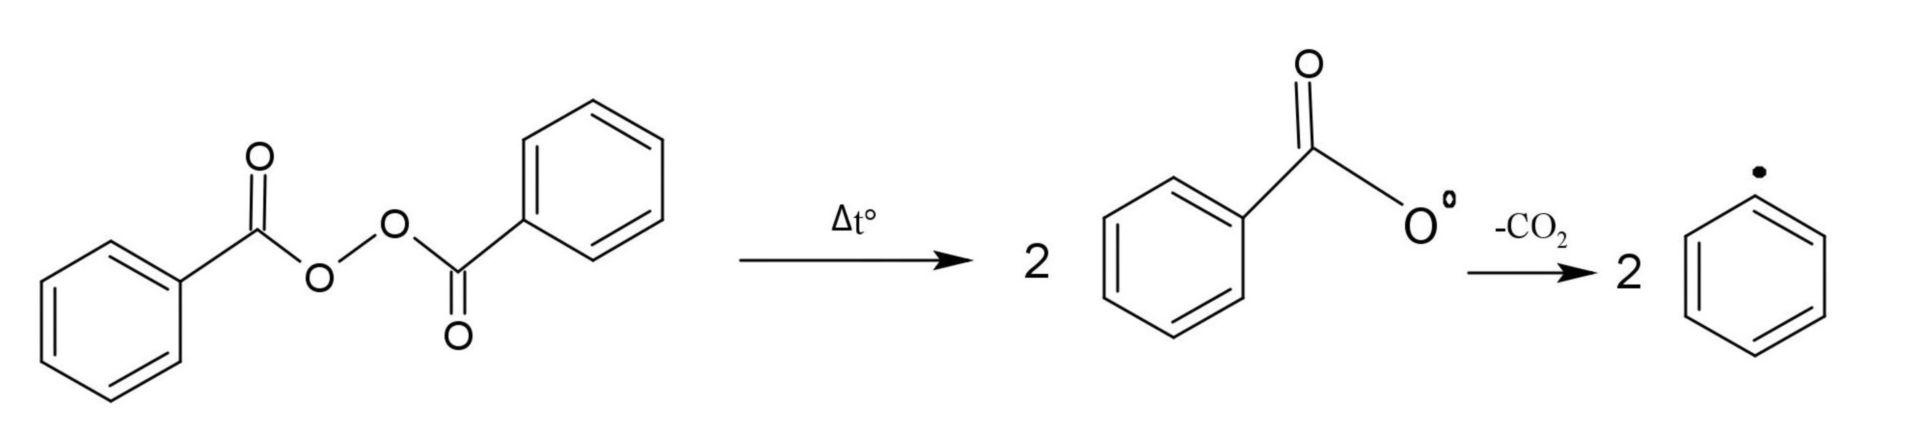 1. Teilschritt der Hock'schen Phenolsynthese (Radikalerzeugung)